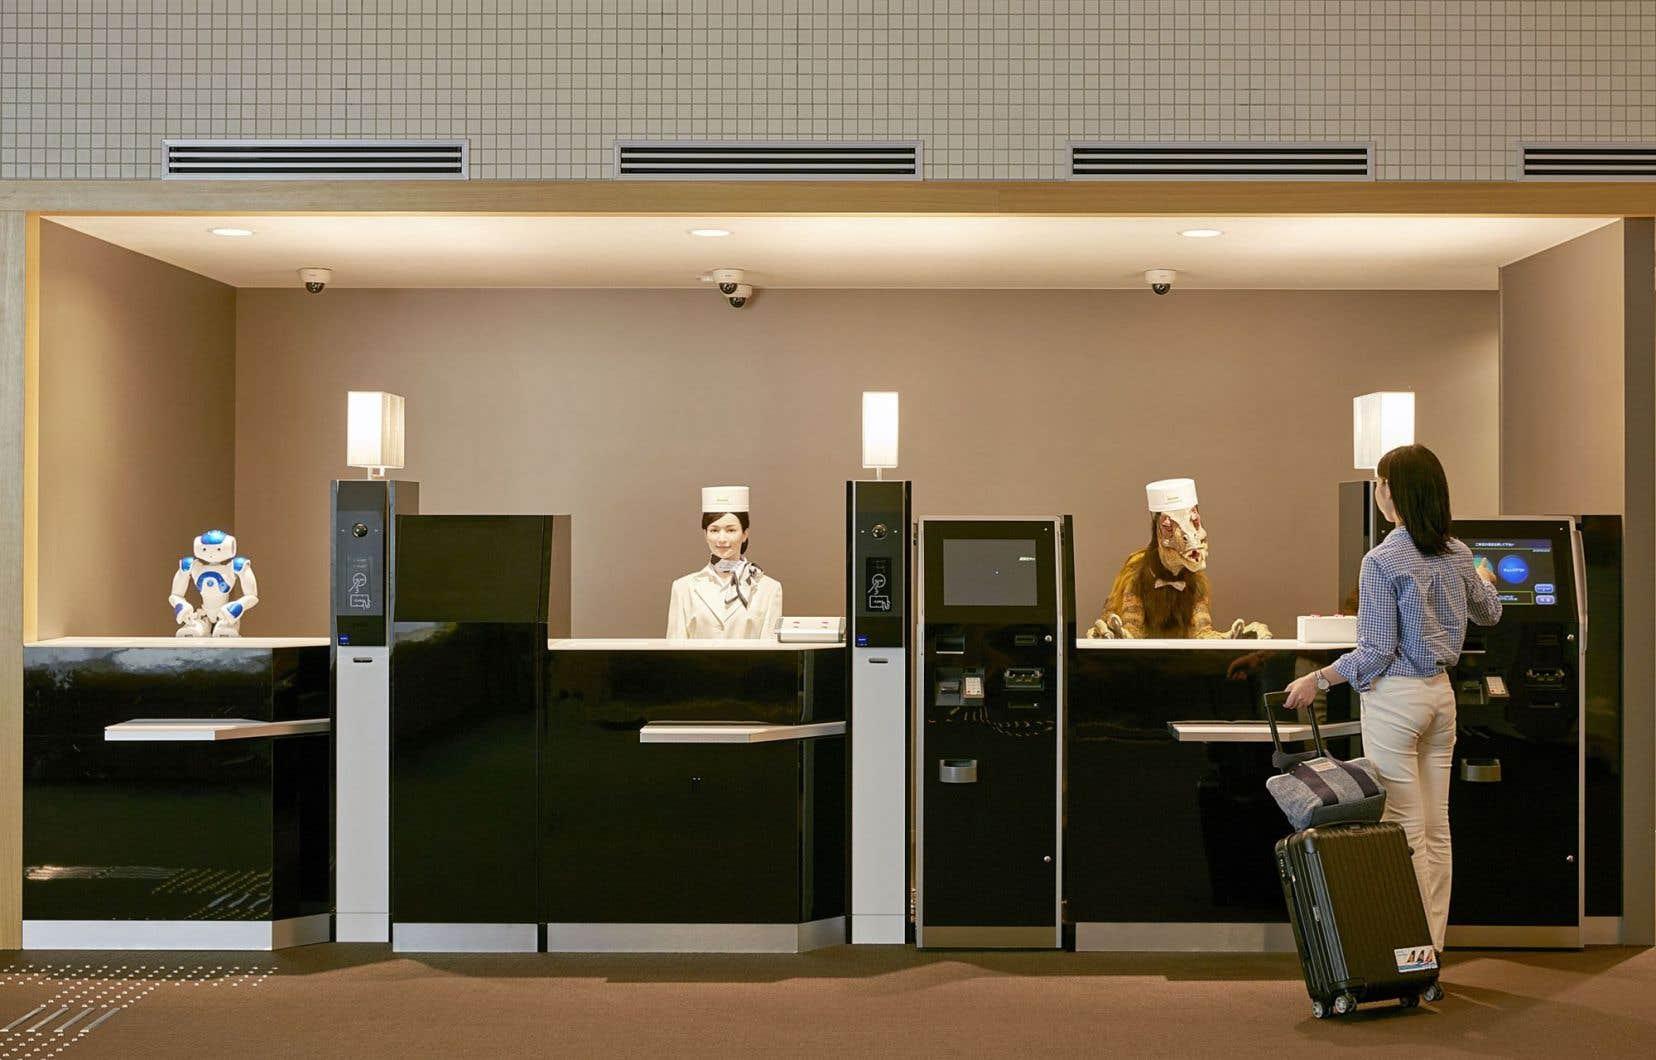 La réception de l'hôtel Henn-na, entièrement robotisé et situé en banlieue de Nagasaki, au Japon. Depuis l'année dernière, un androïde y accueille les voyageurs et un robot transporte leurs bagages. Aussi, adieu les clés de chambre, bonjour la reconnaissance faciale!